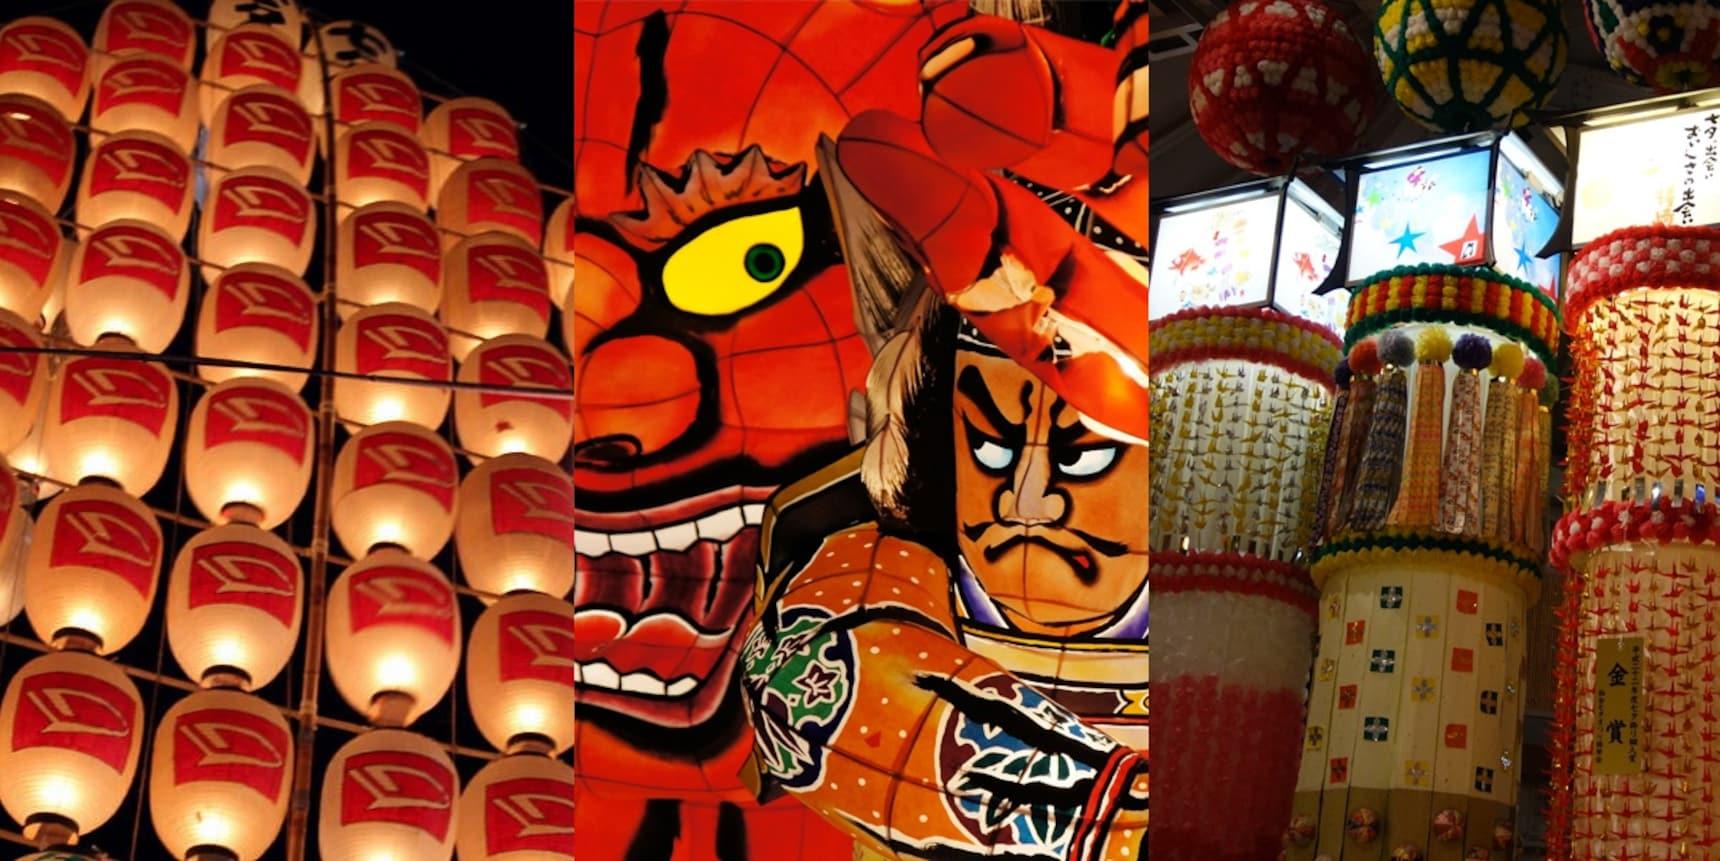 3 งานเทศกาลใหญ่ภูมิภาคโทโฮคุ